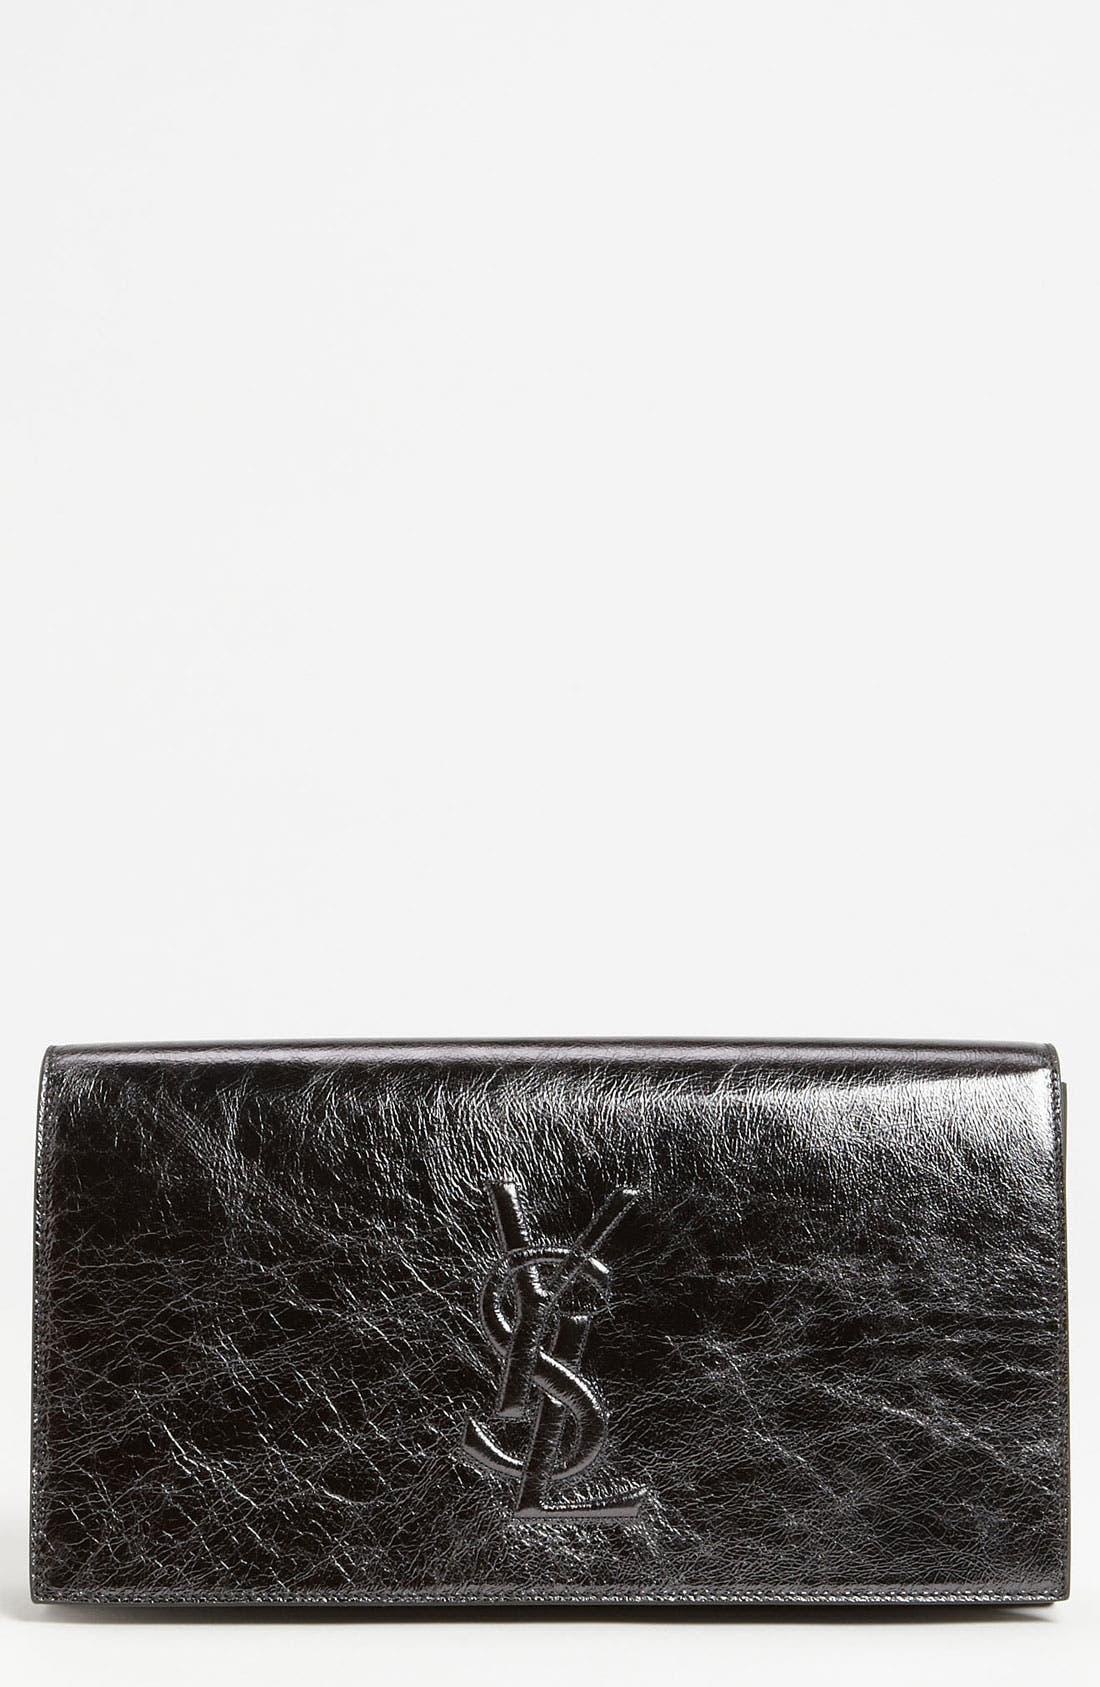 Main Image - Saint Laurent 'Belle de Jour' Clutch